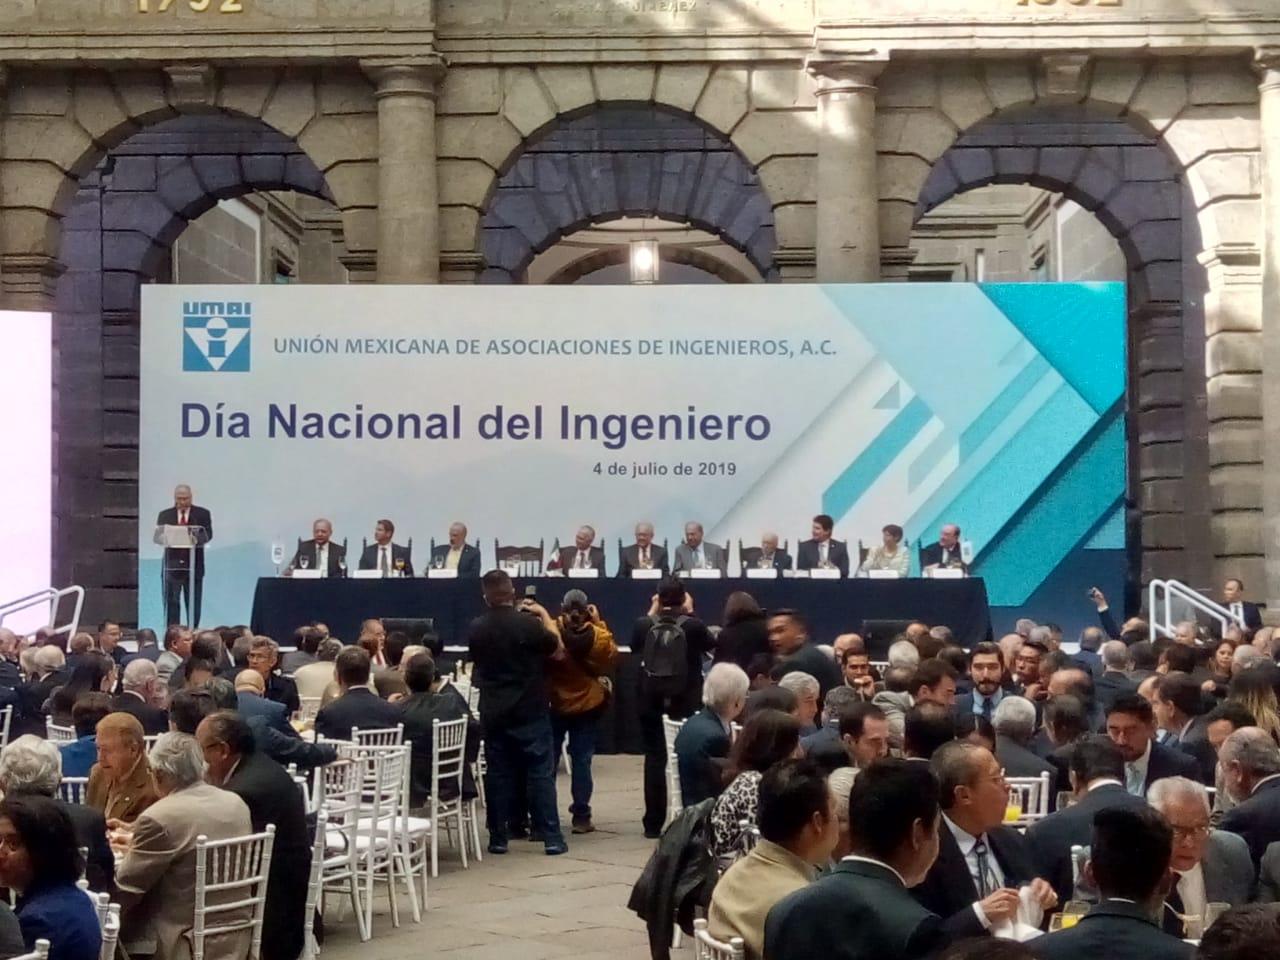 Ingenieros no aceptan la entrega del país: Jiménez Espriú